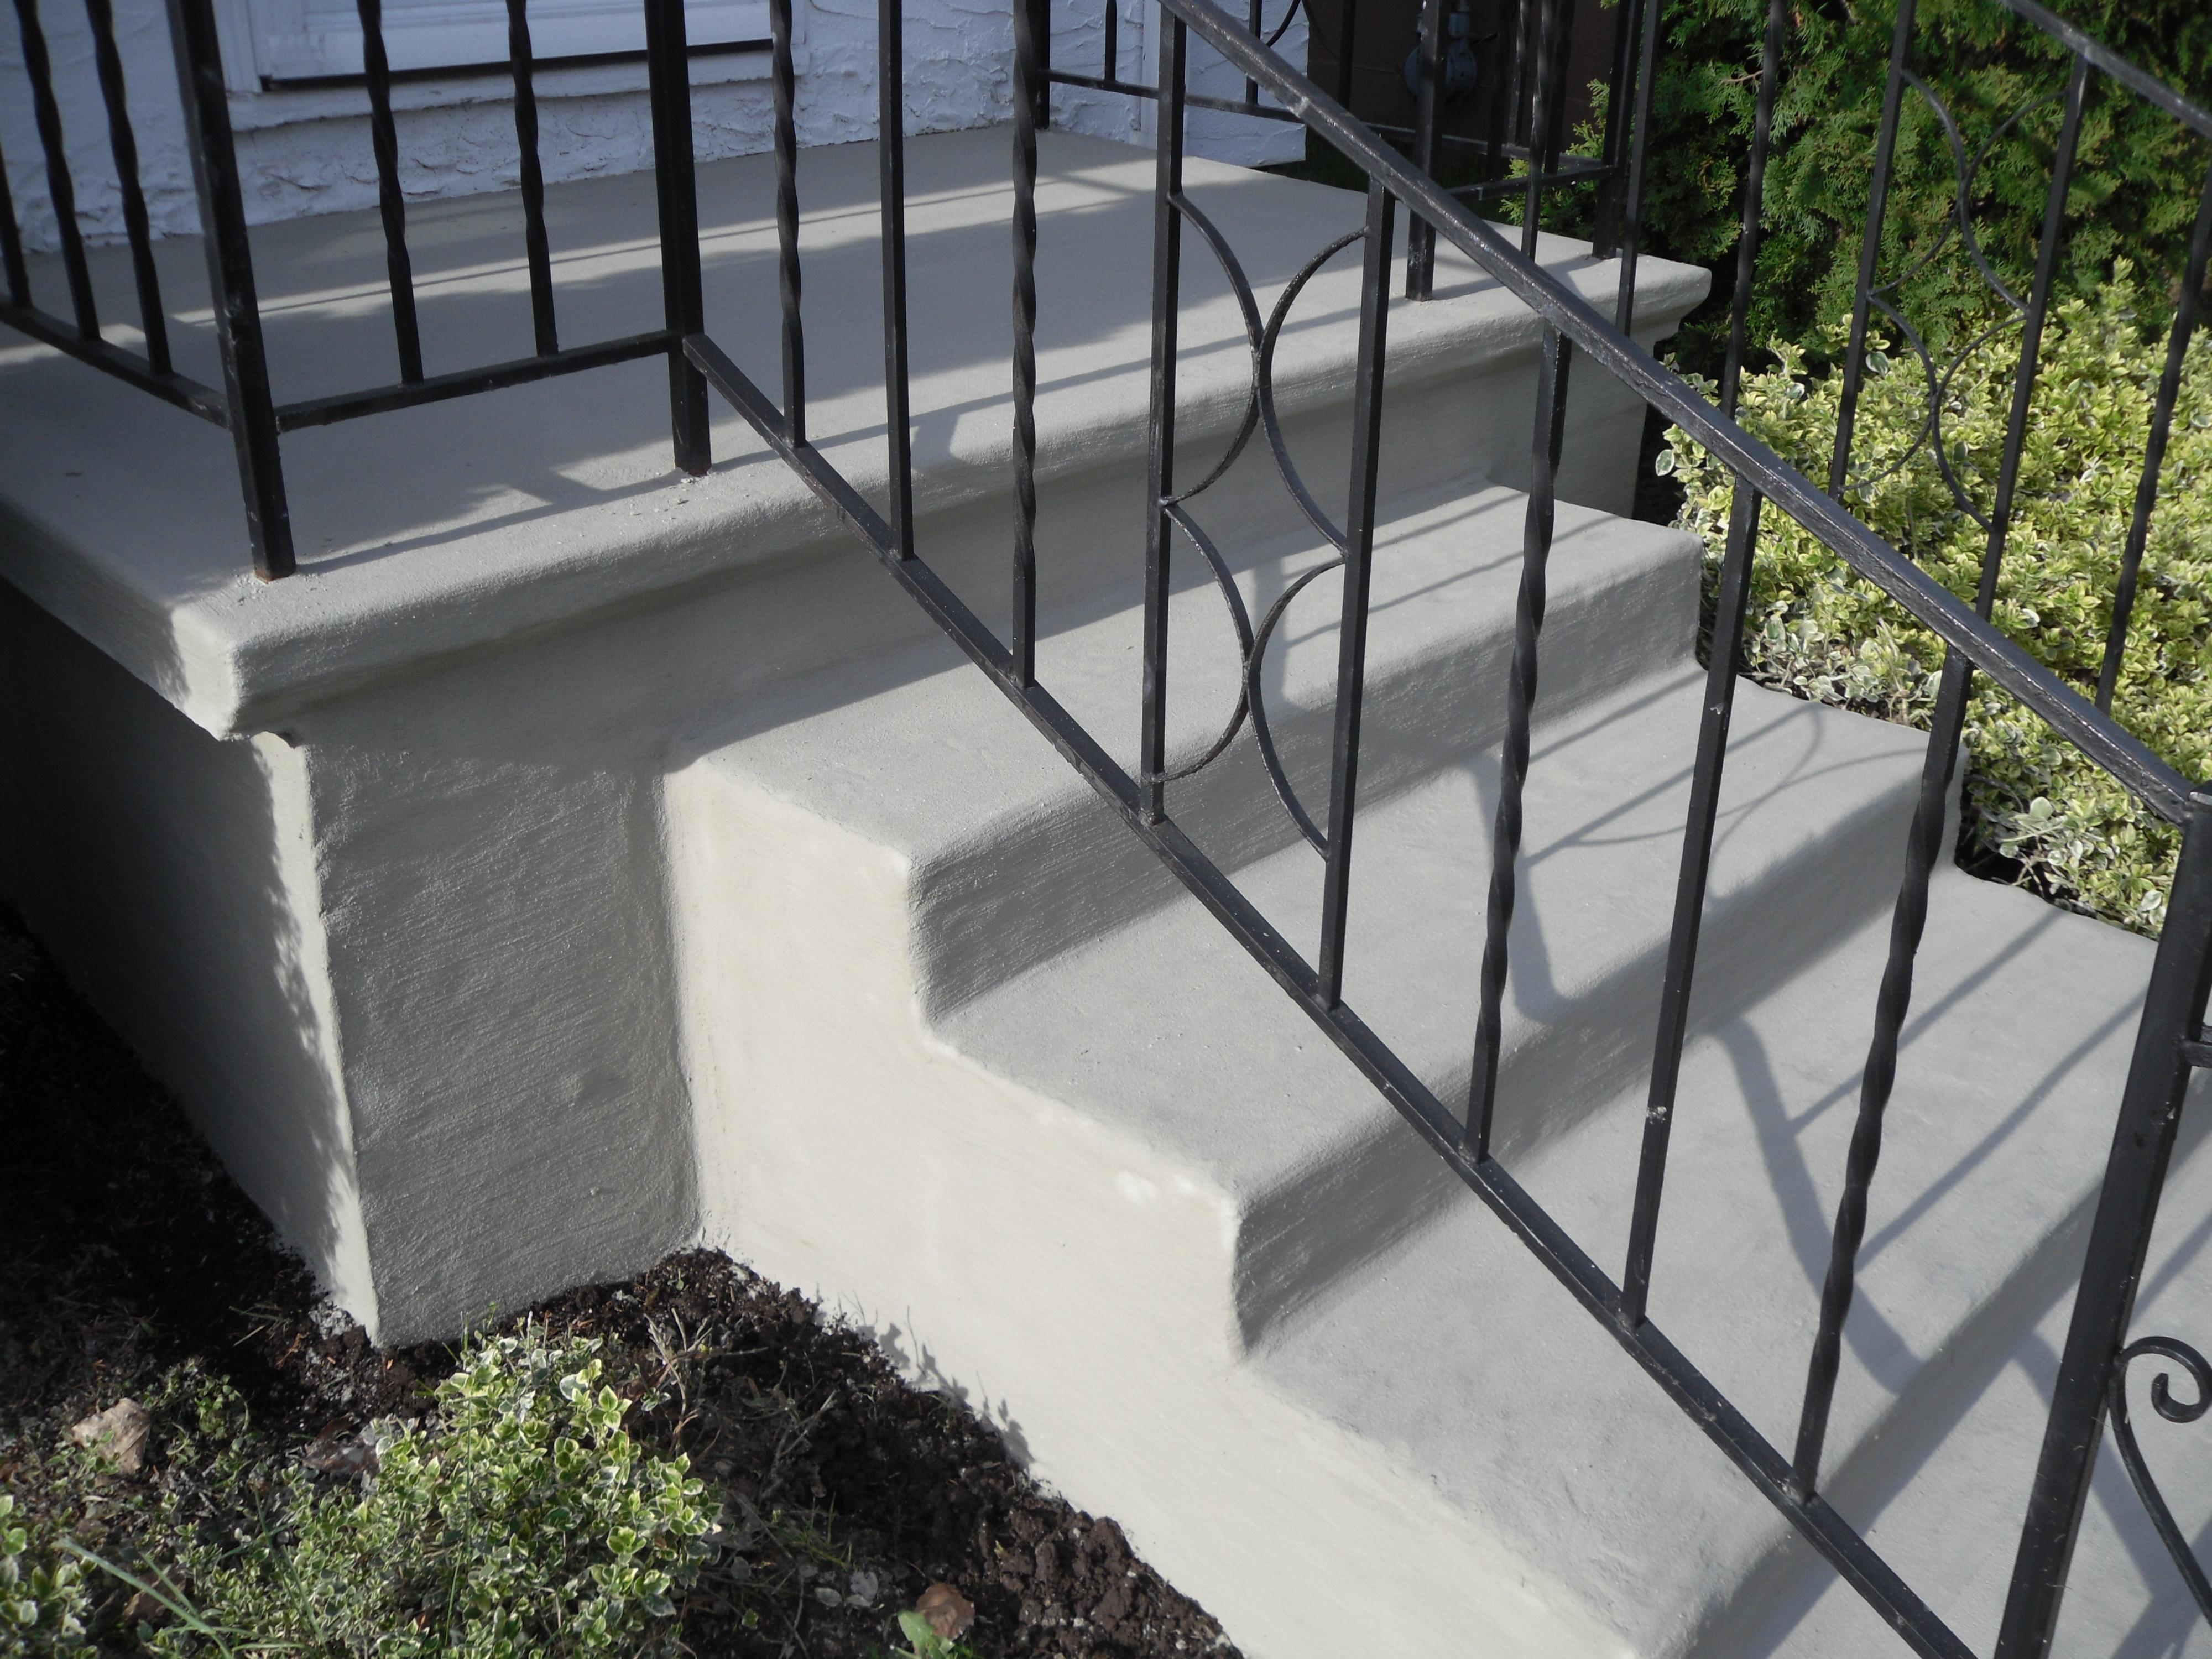 Stair resurfacing tybo concrete coatings repair - Resurfacing exterior concrete stairs ...